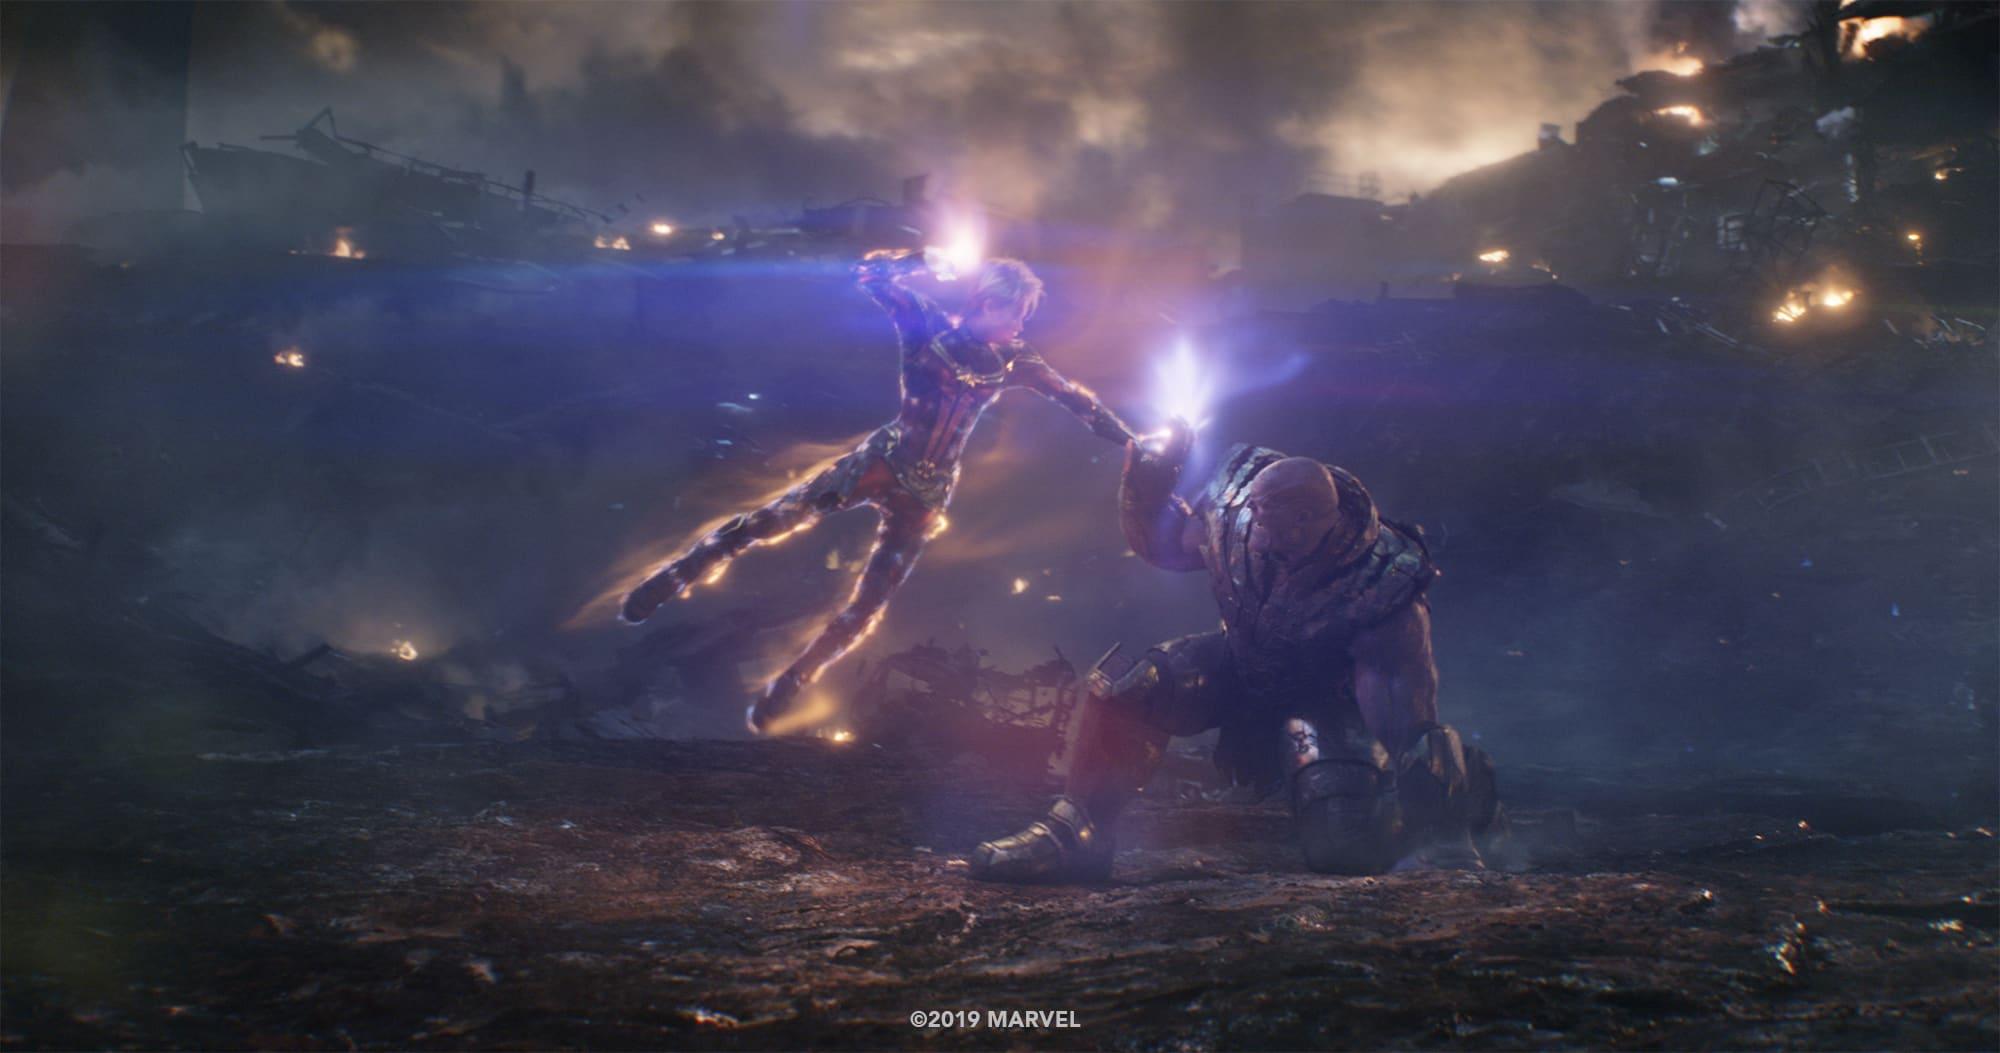 Avengers Endgame Hi Res Spoiler Stills Highlight The